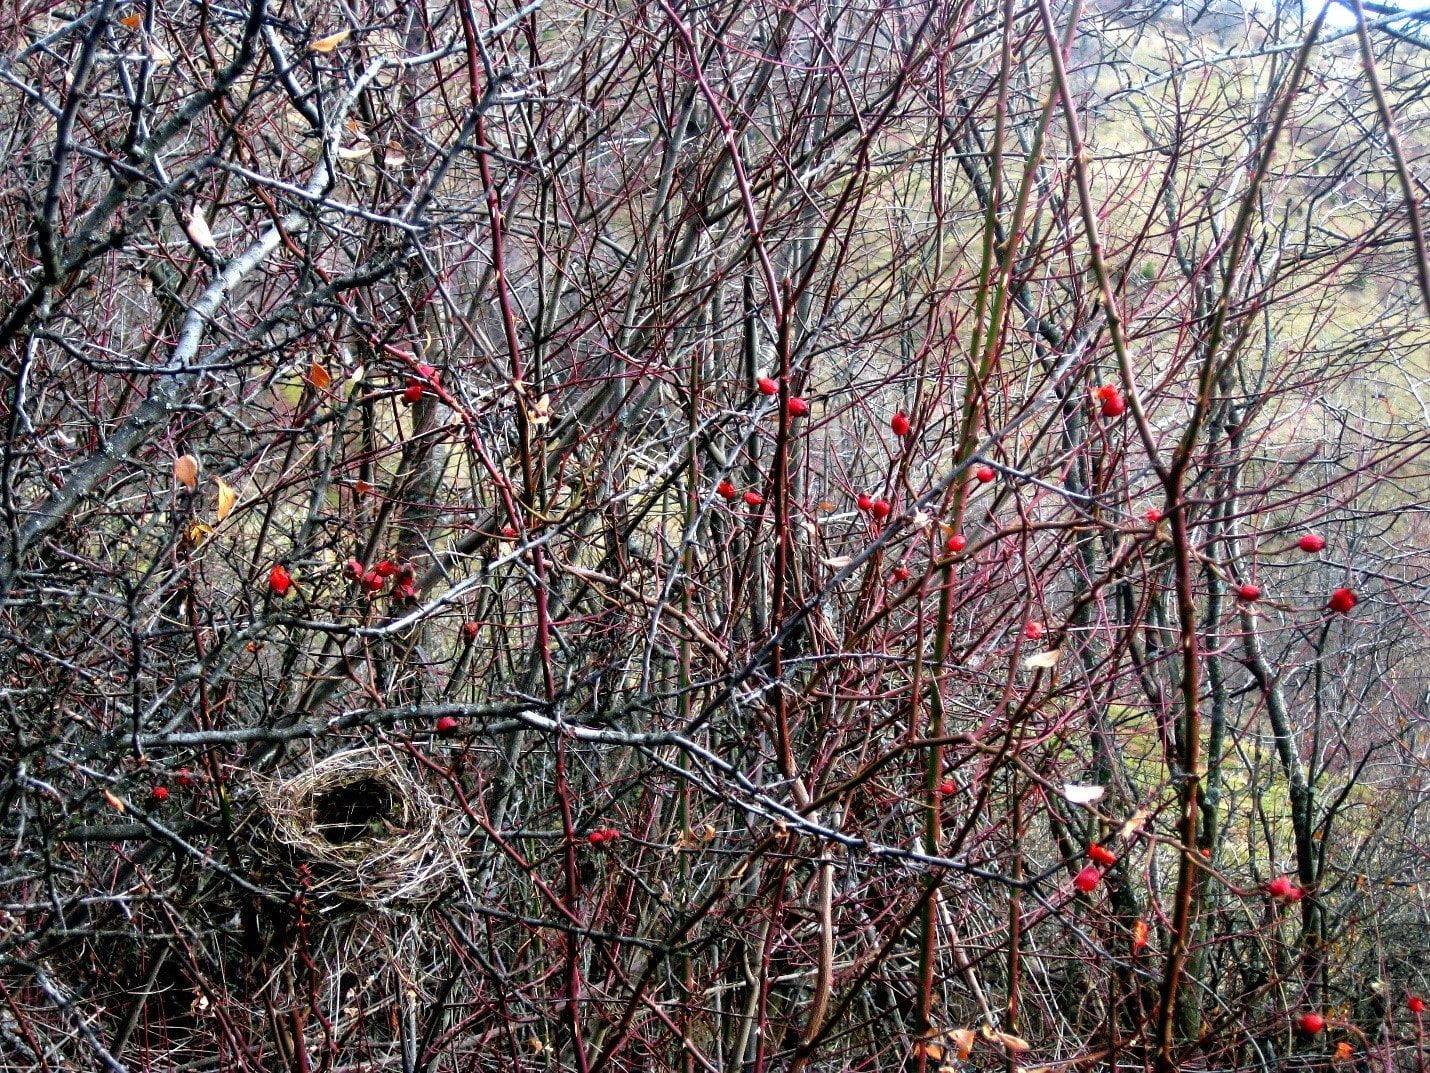 hiking in bosnia wildlife